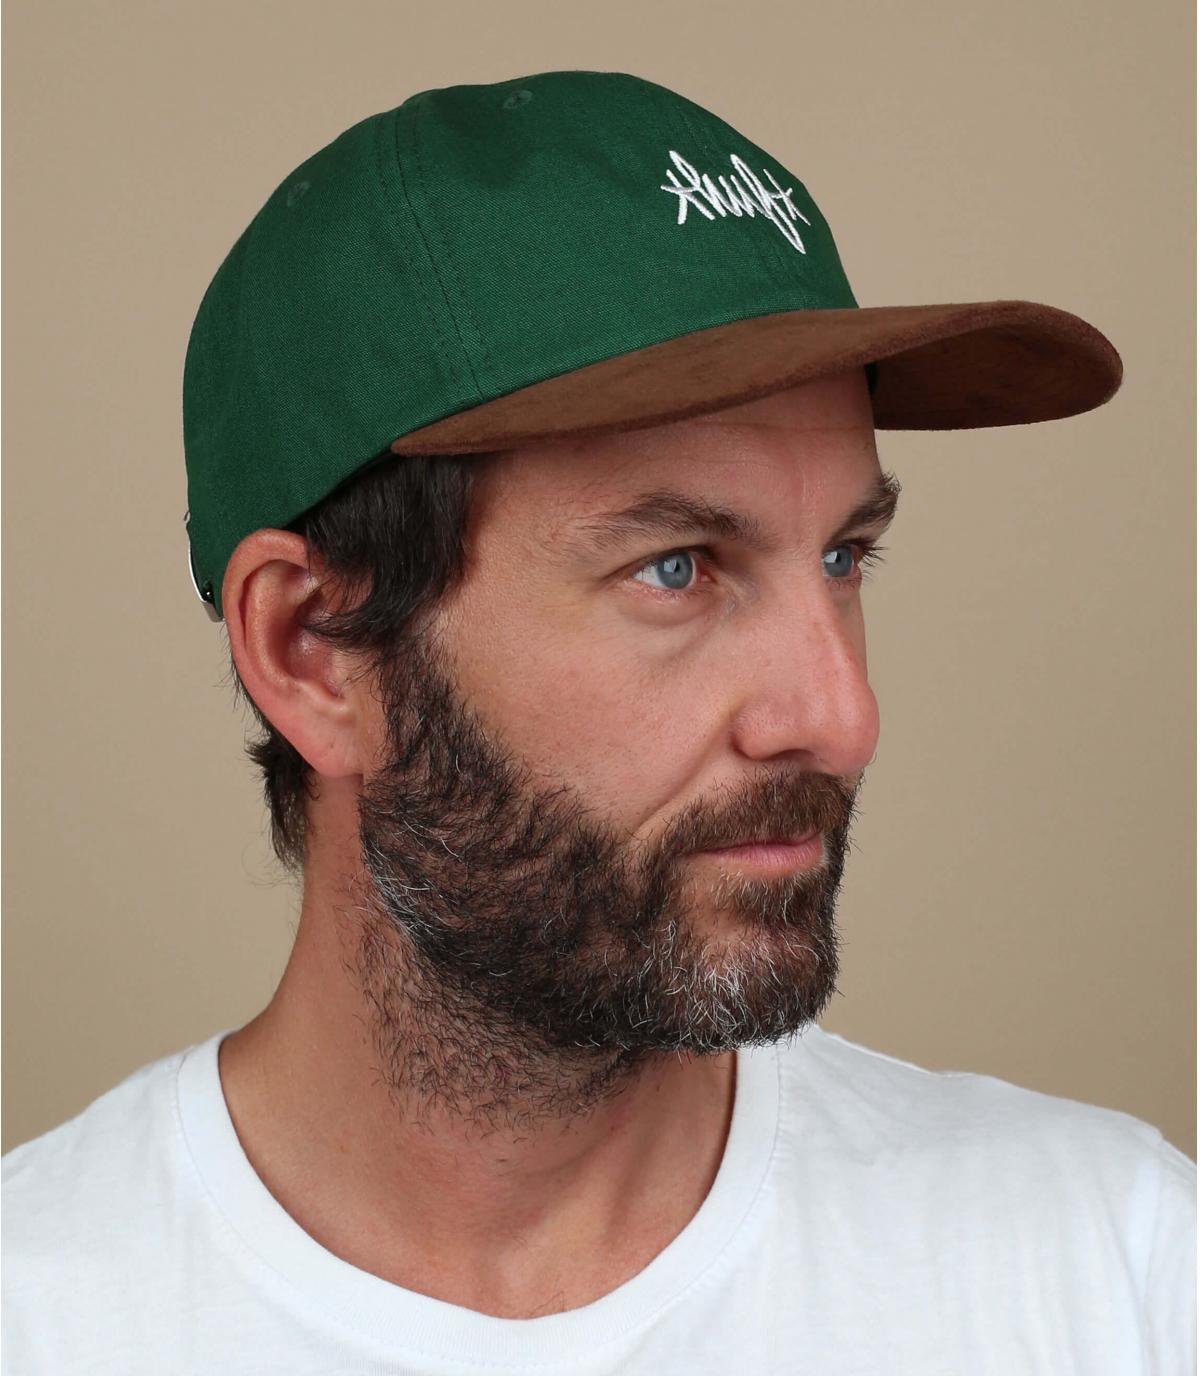 Huf cap green suede